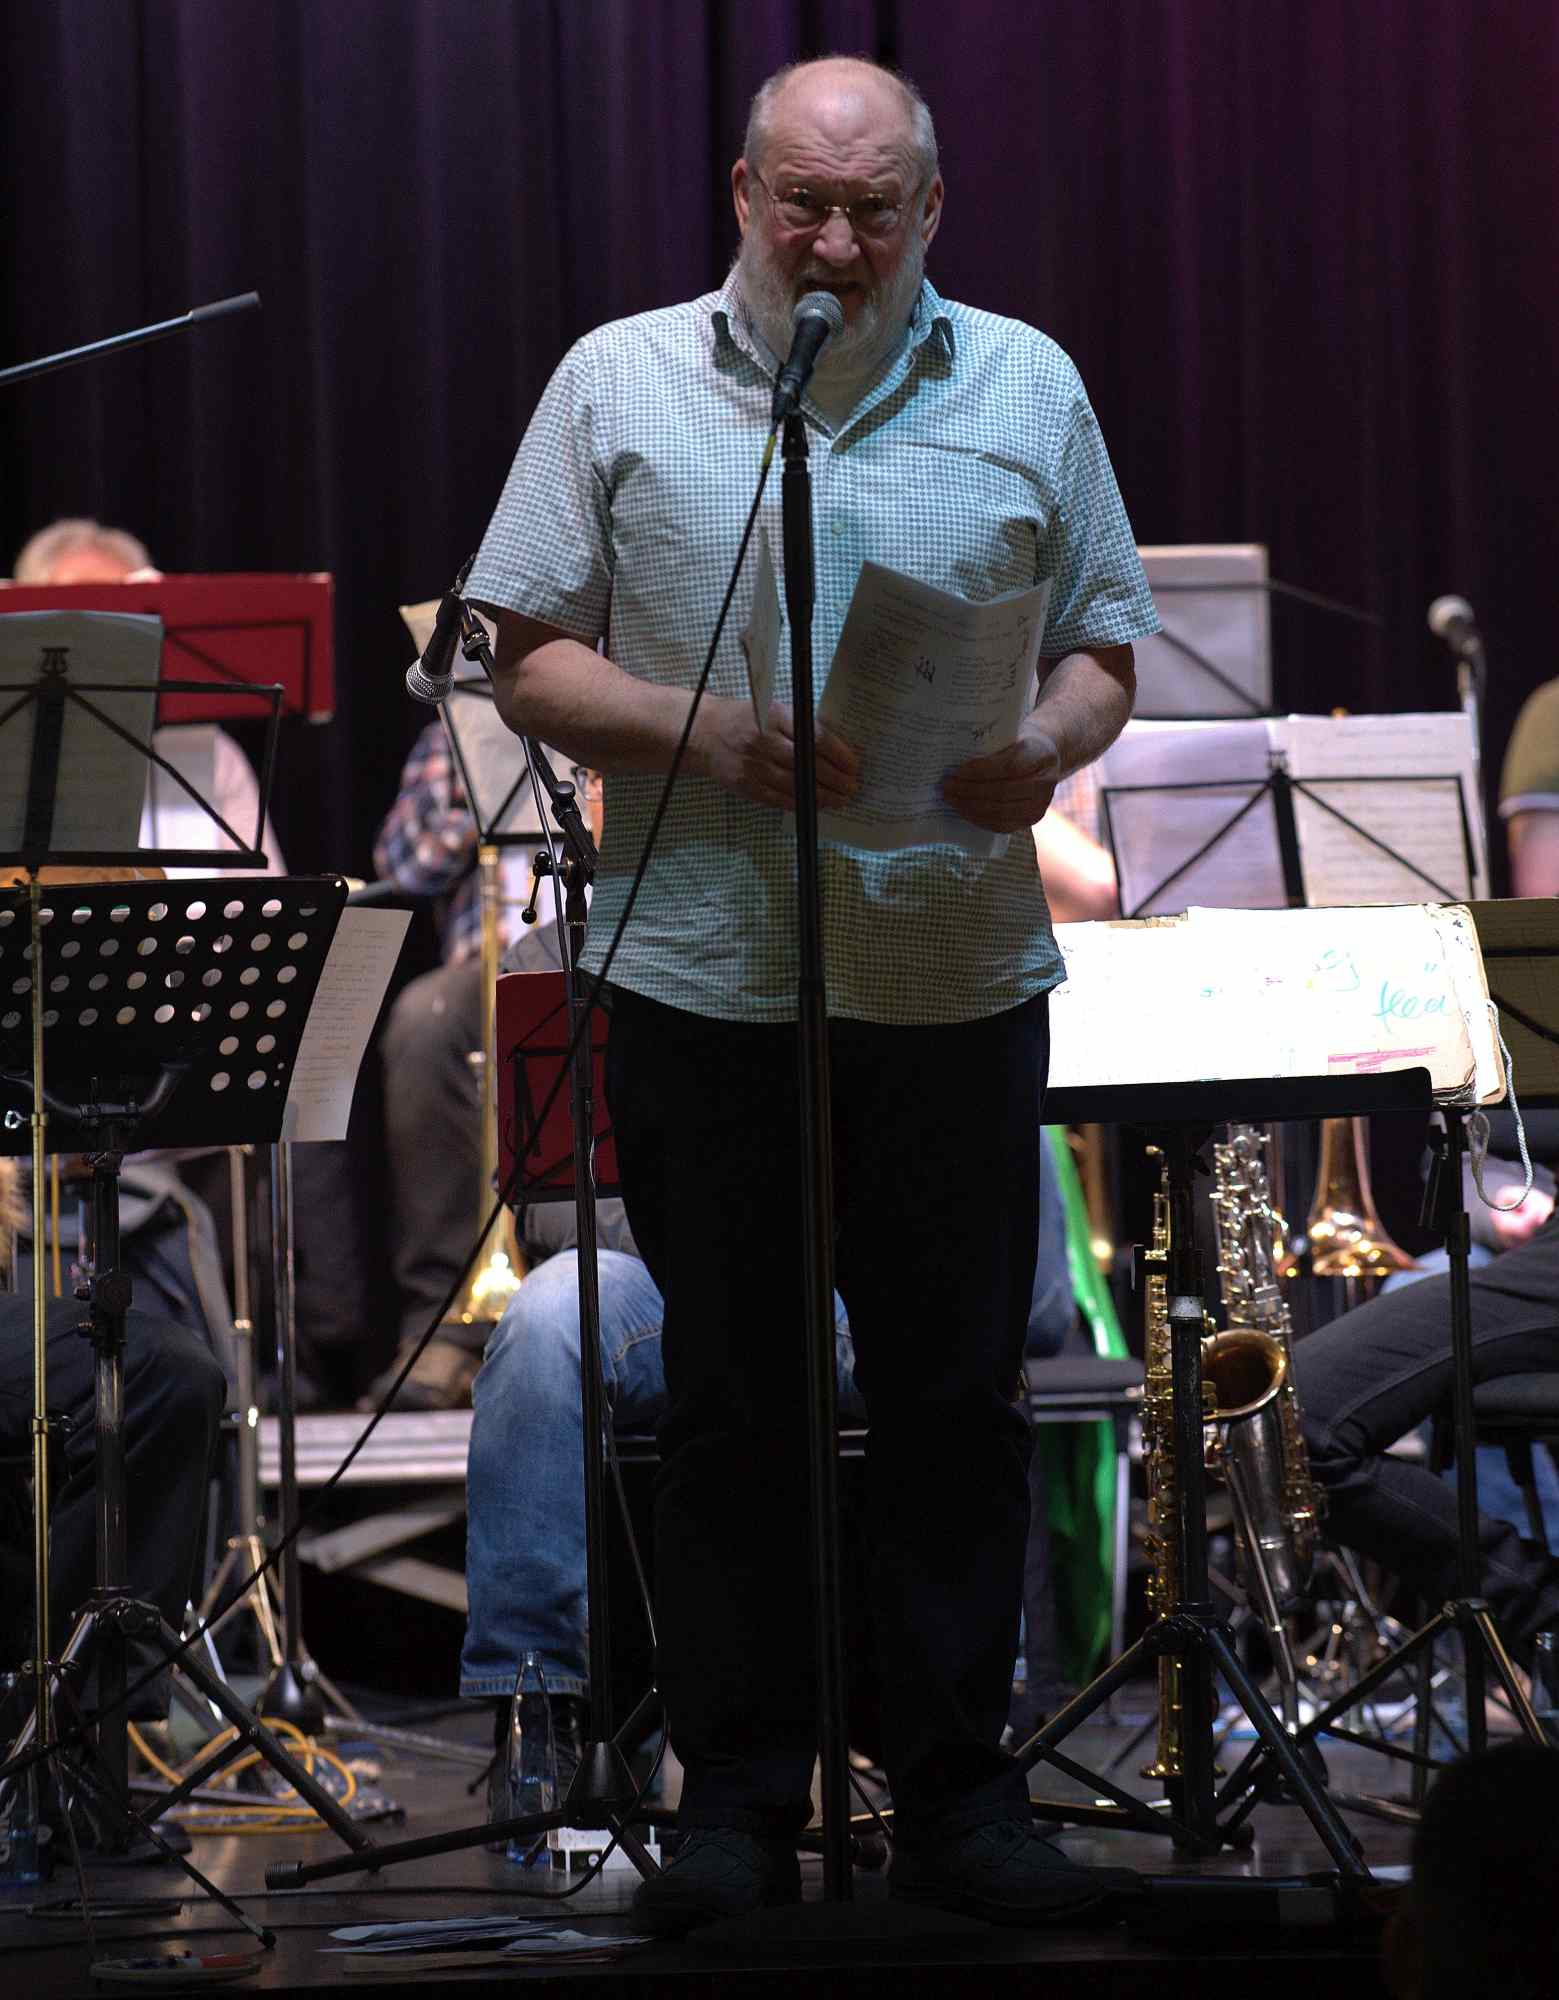 Bongos-Bigband-Konzert_20200301_DSC_2062.NEF_